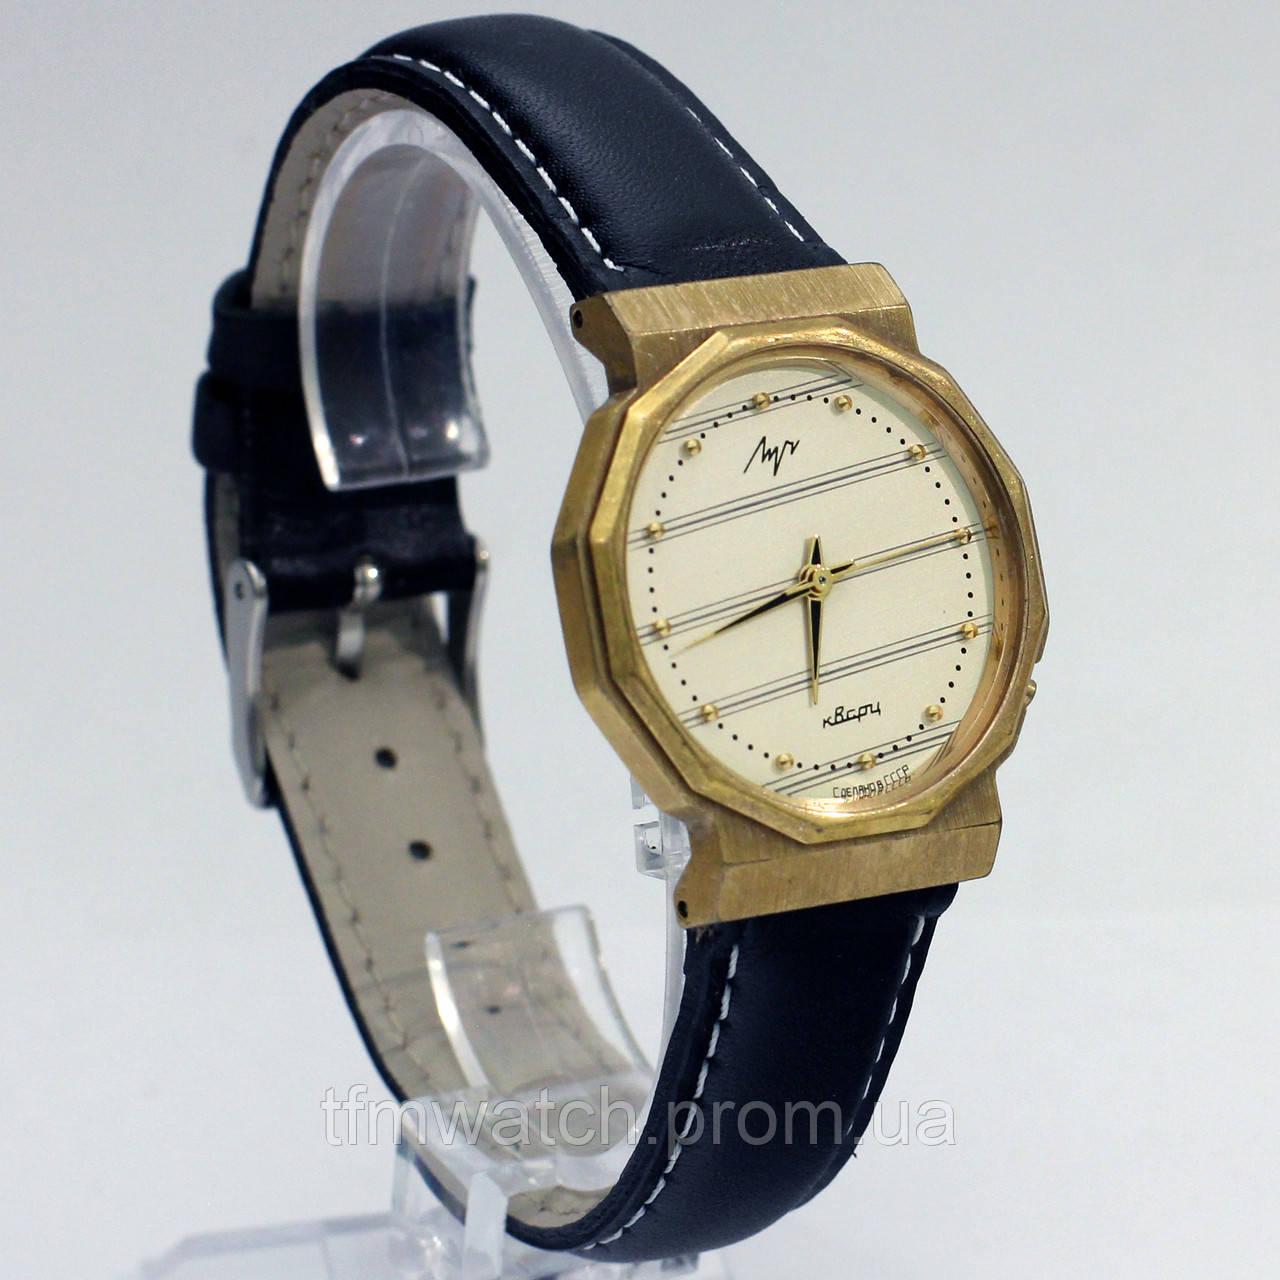 Кварцевые часы Луч позолоченные